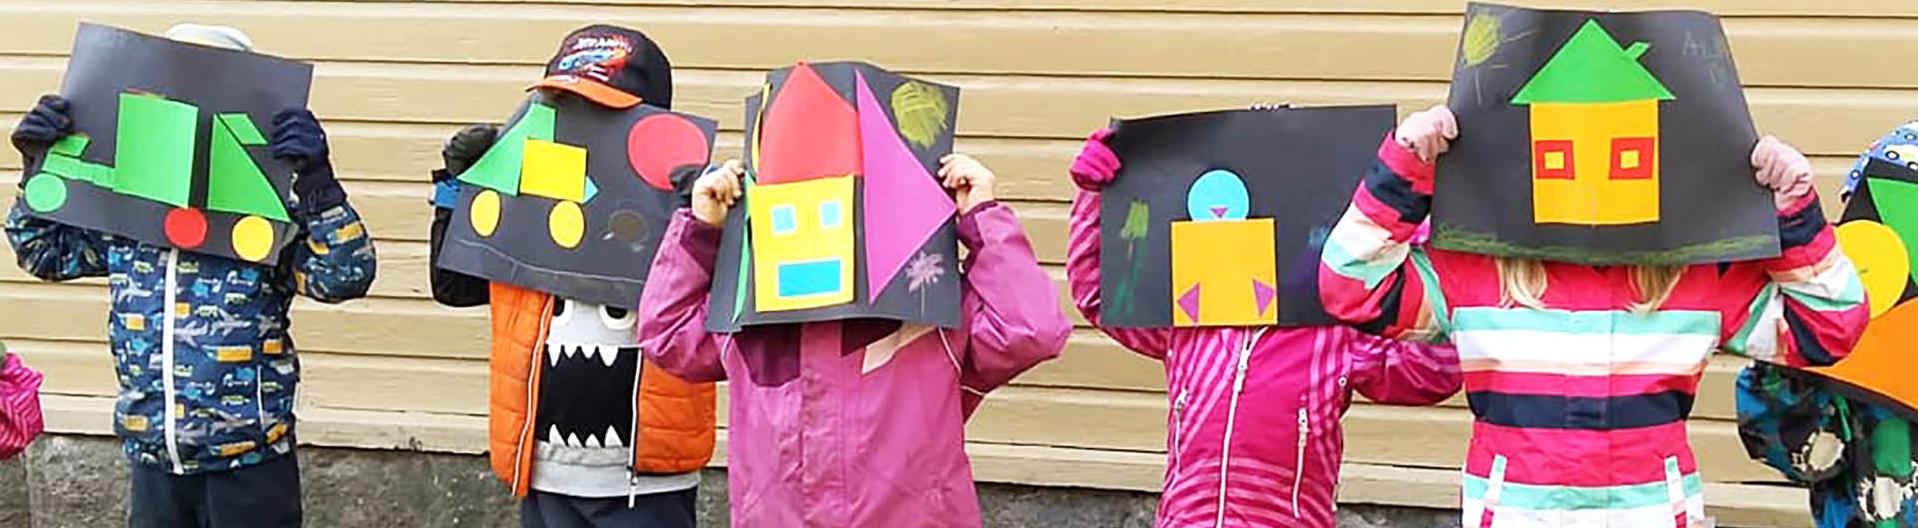 Lapsia ulkoiluvaatteissa kellertävän lautaseinän edessä. Kaikki pitelevät kollaasiteoksiaan kasvojensa edessä.